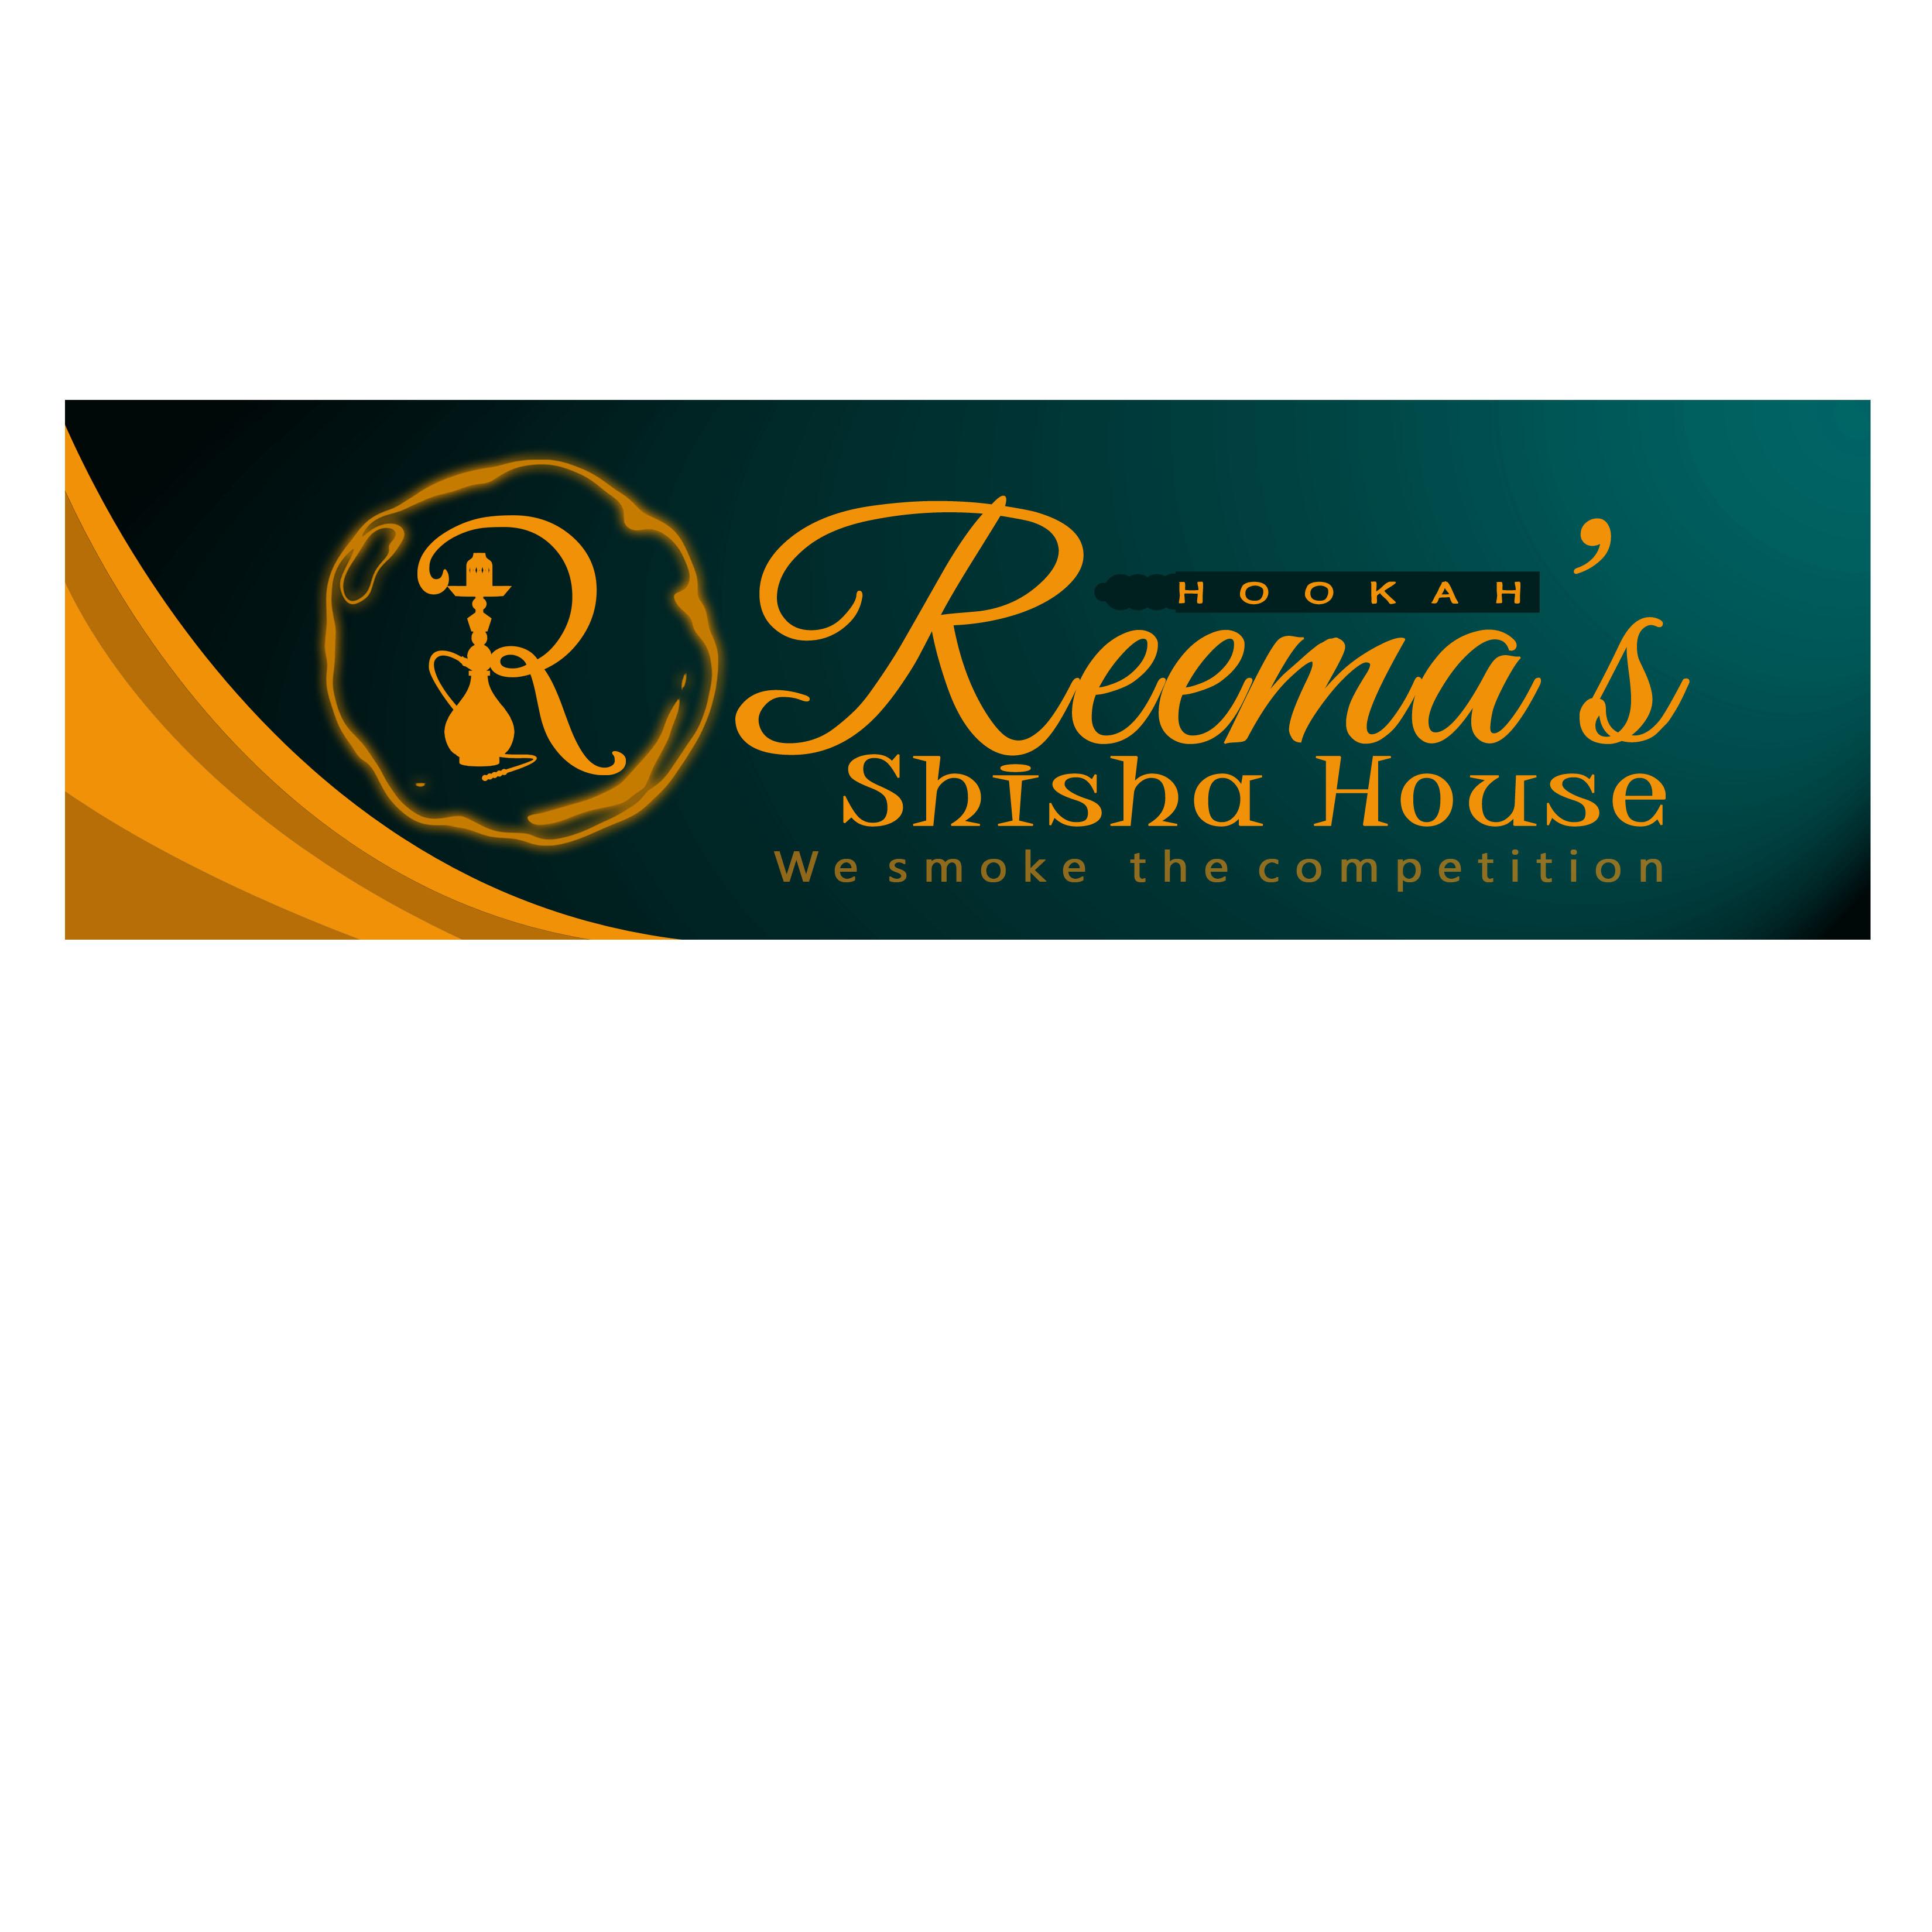 Logo Design by Allan Esclamado - Entry No. 6 in the Logo Design Contest Captivating Logo Design for Reema's Shisha House.